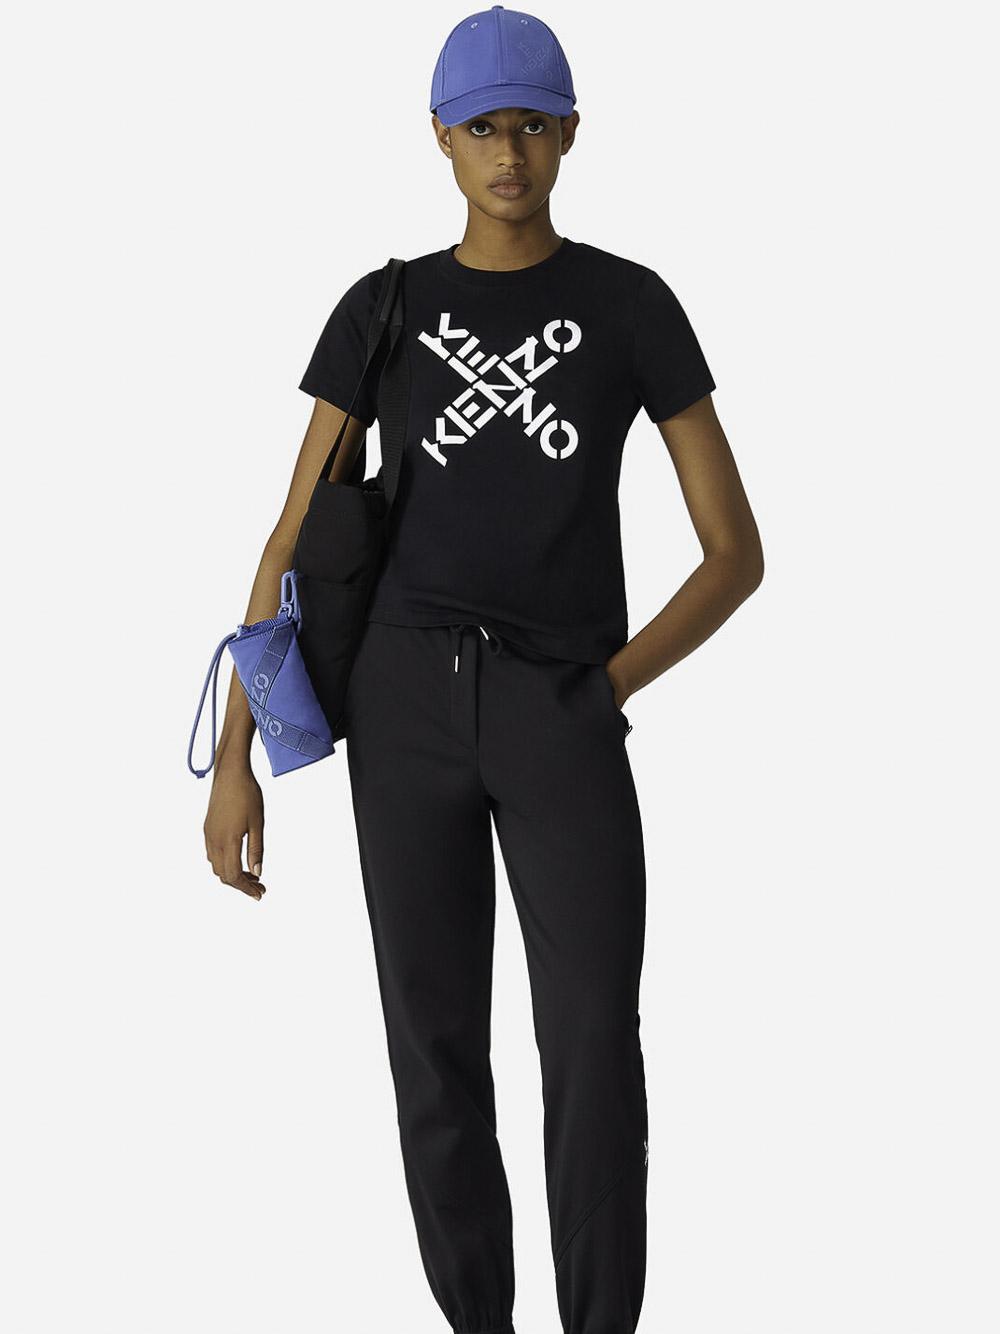 KENZO Μπλούζα t-shirt 2TS8504SJ-99 ΜΑΥΡΟ